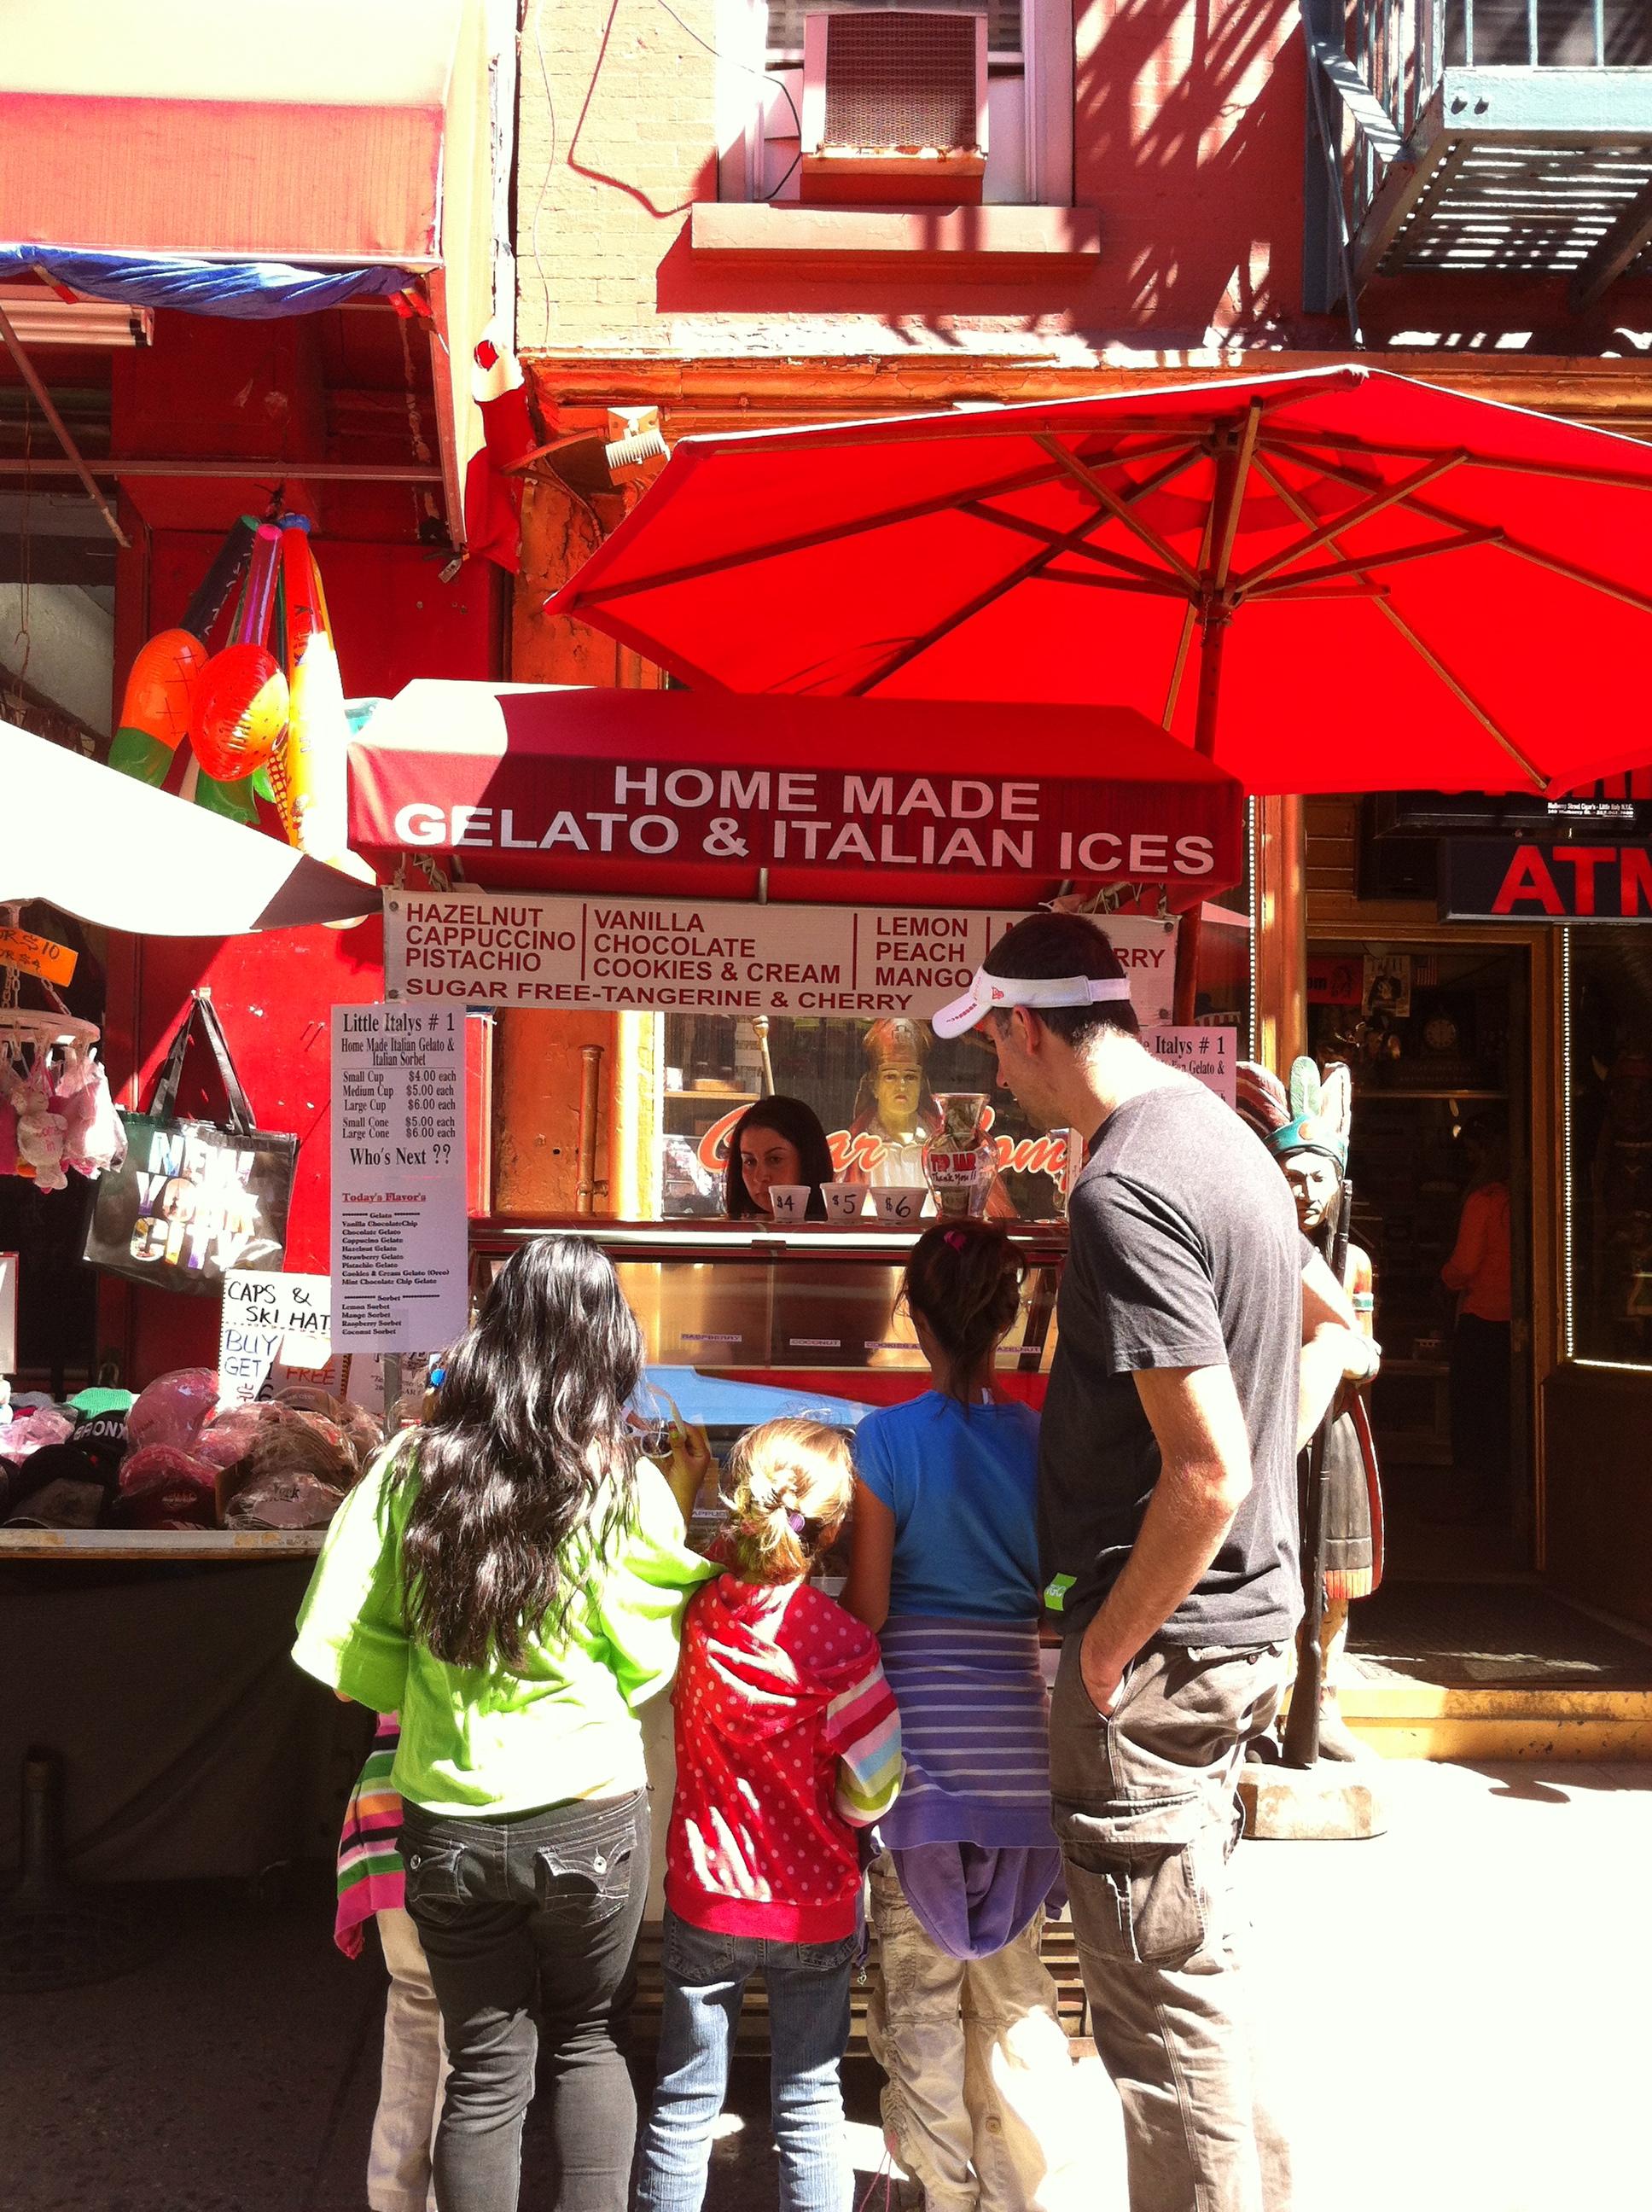 Gelato in Little Italy.